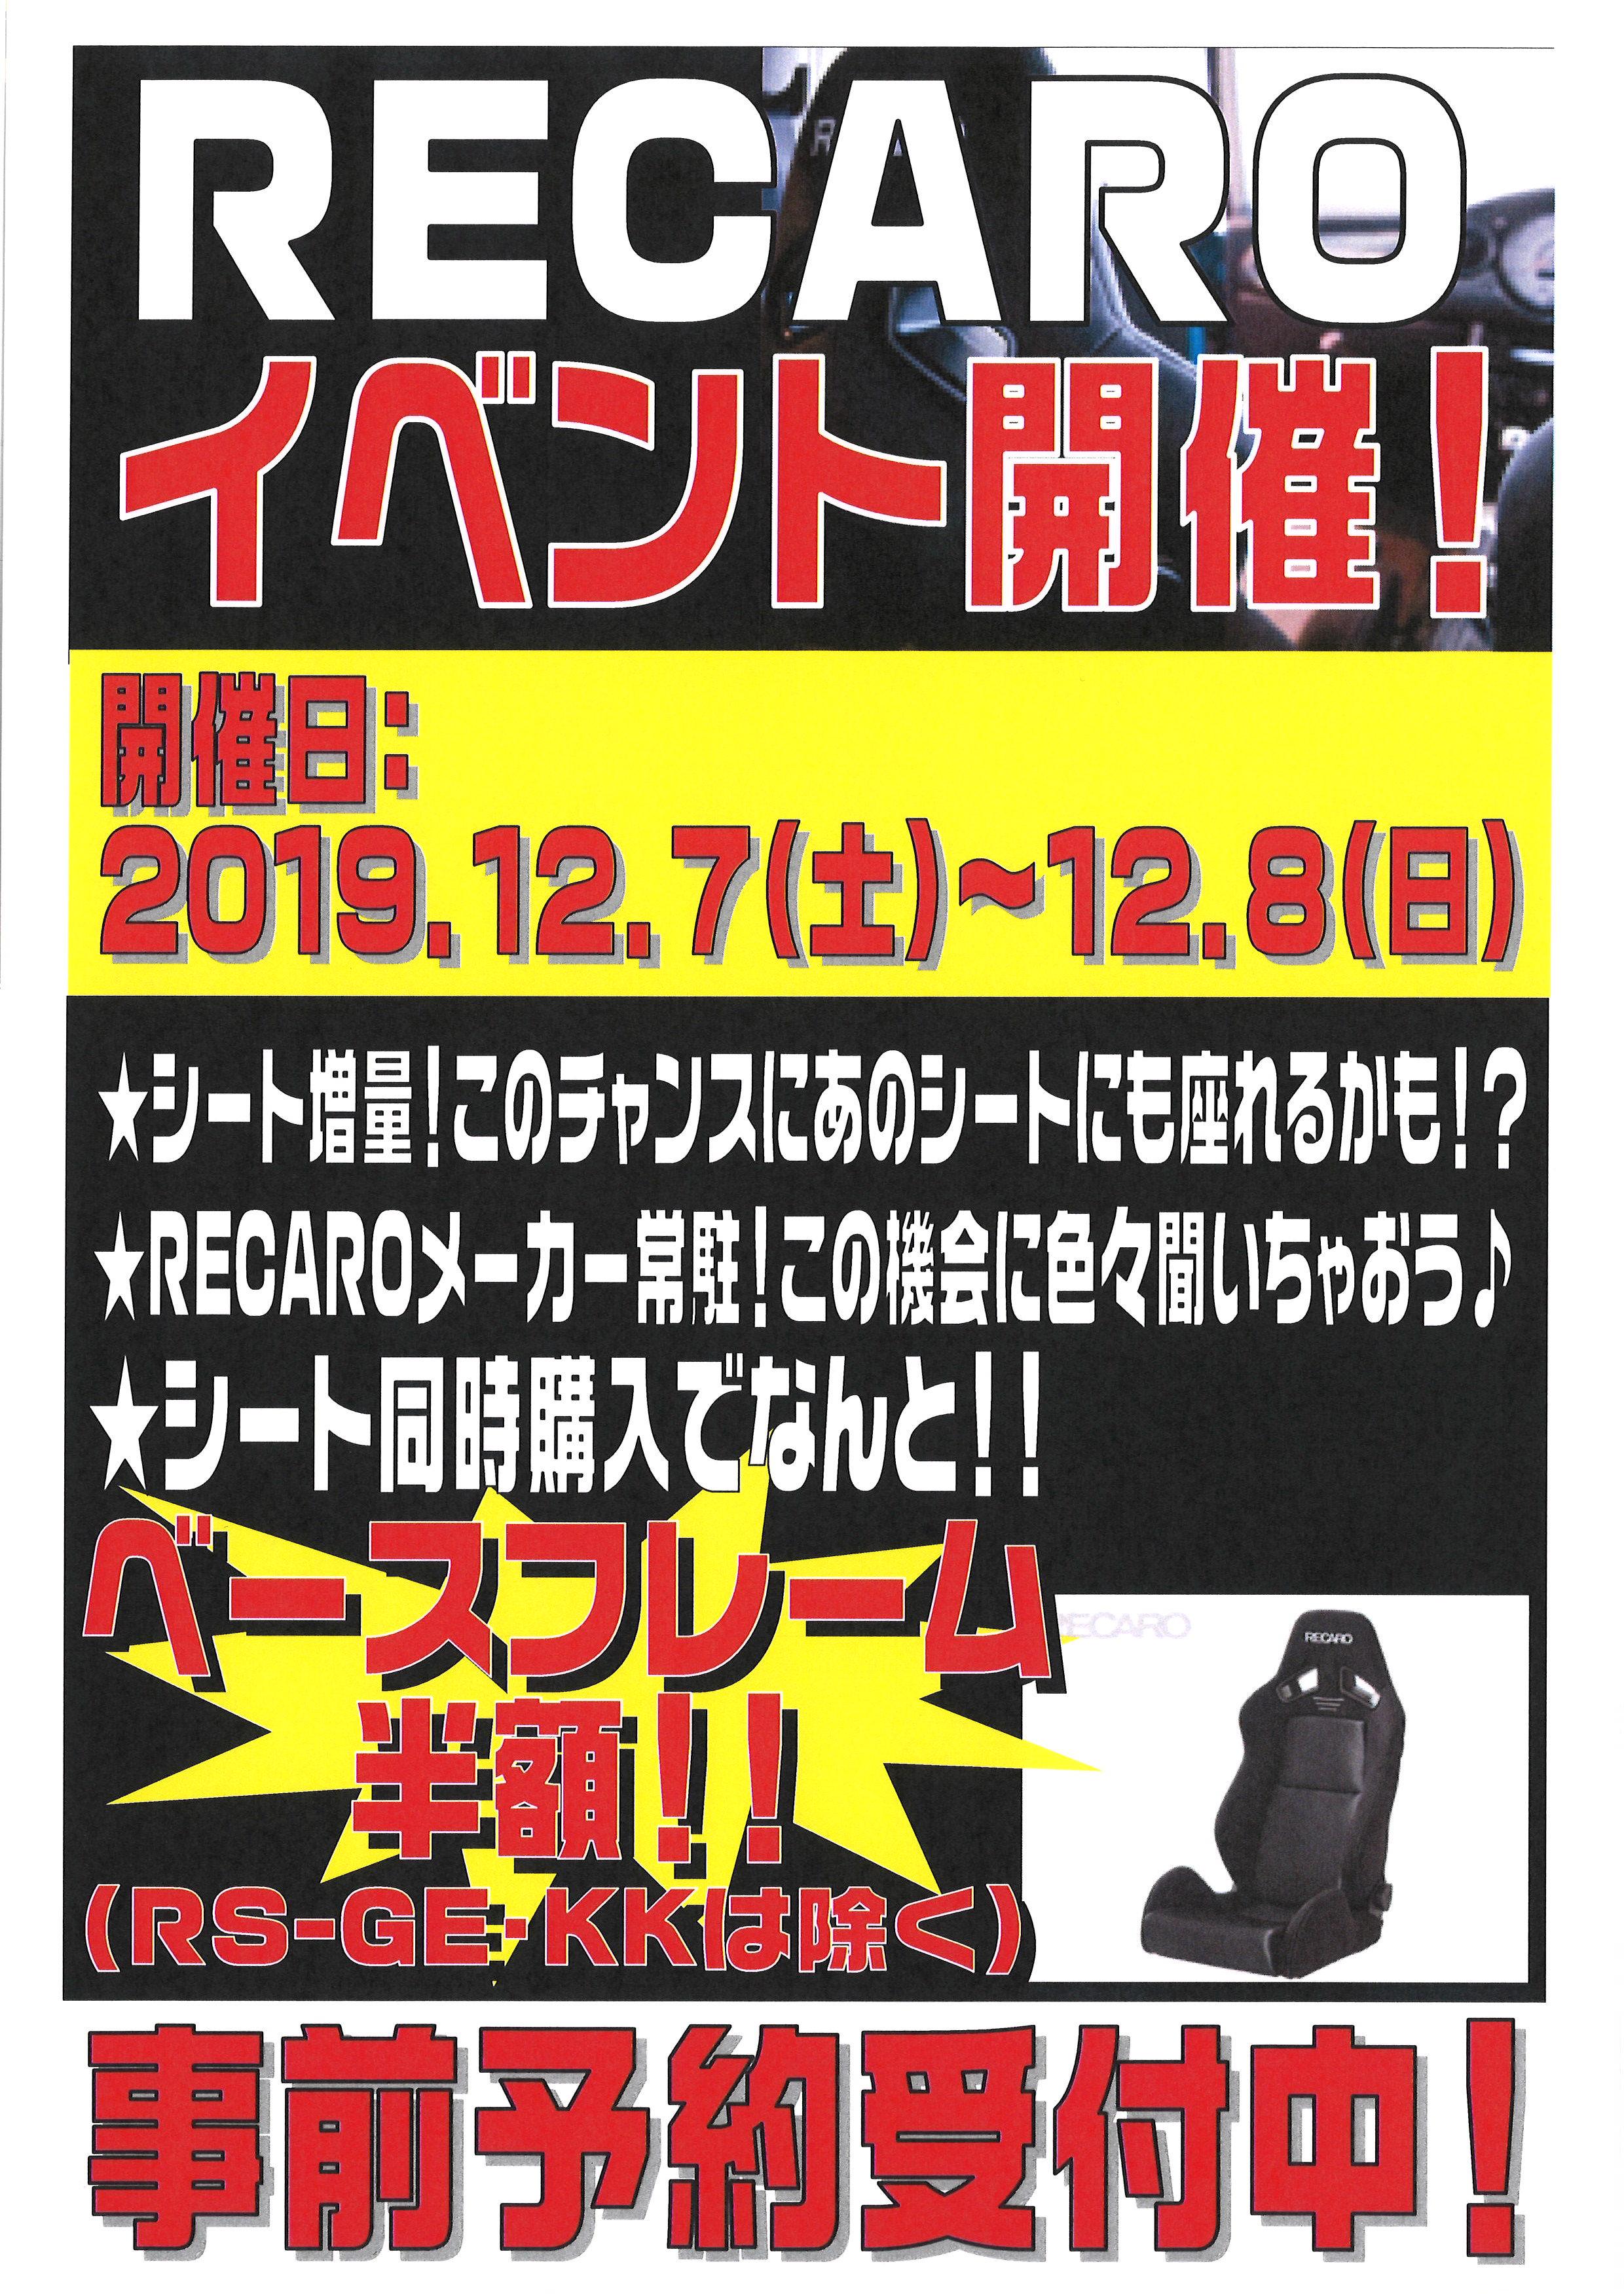 【イベント情報】RECAROイベント開催!!